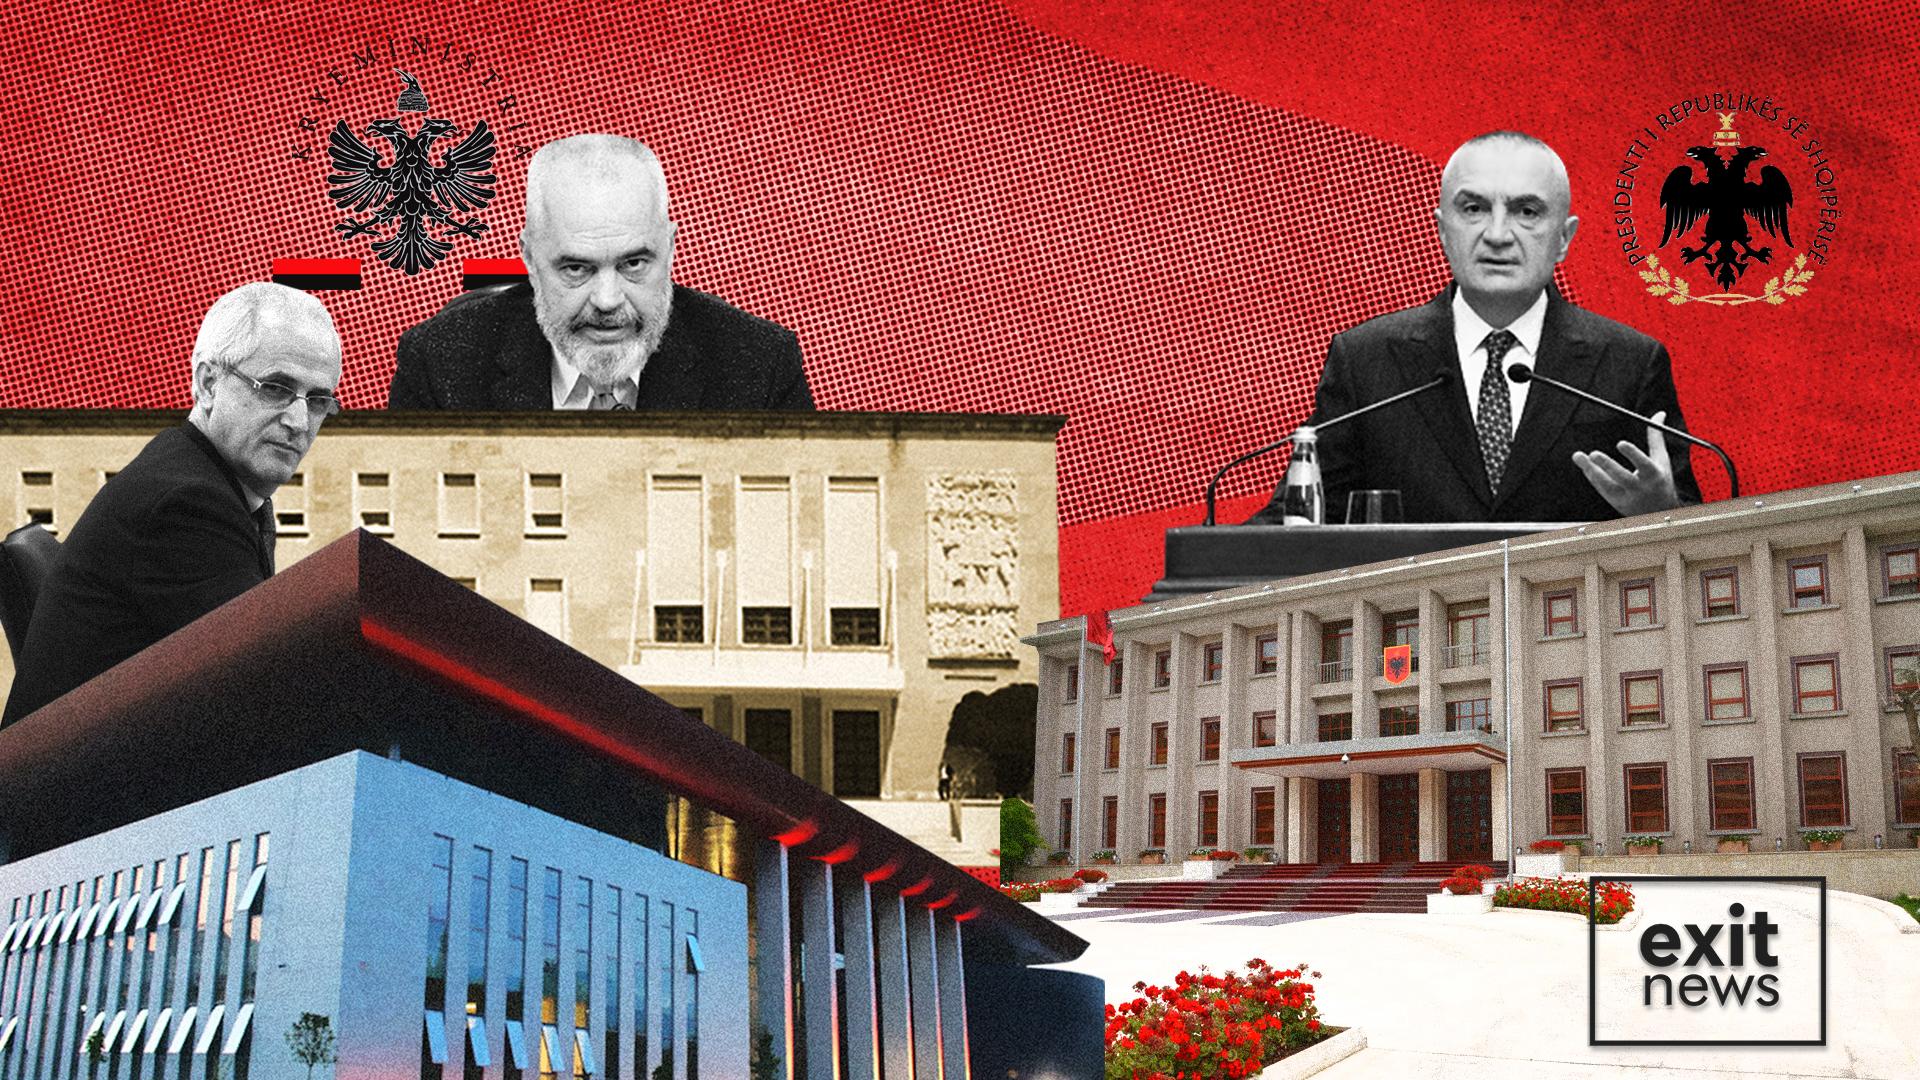 Koment: Rasti Dvorani tregon se gjyqësori e ka dorëzuar pavarësinë e tij tek burokratët e pazgjedhur